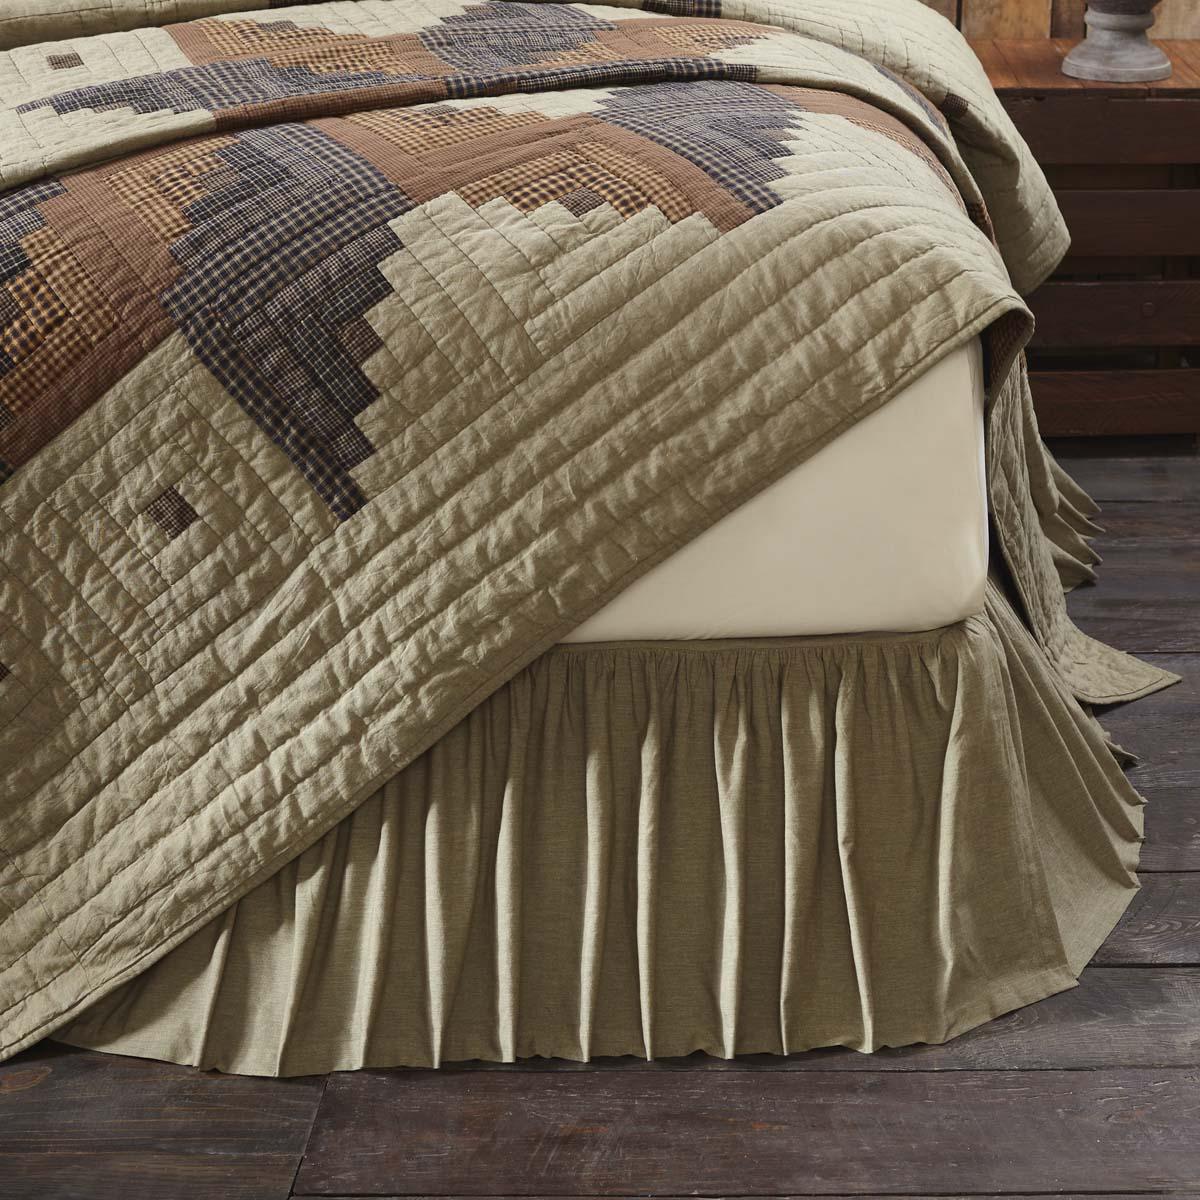 Novak Twin Bed Skirt 39x76x16